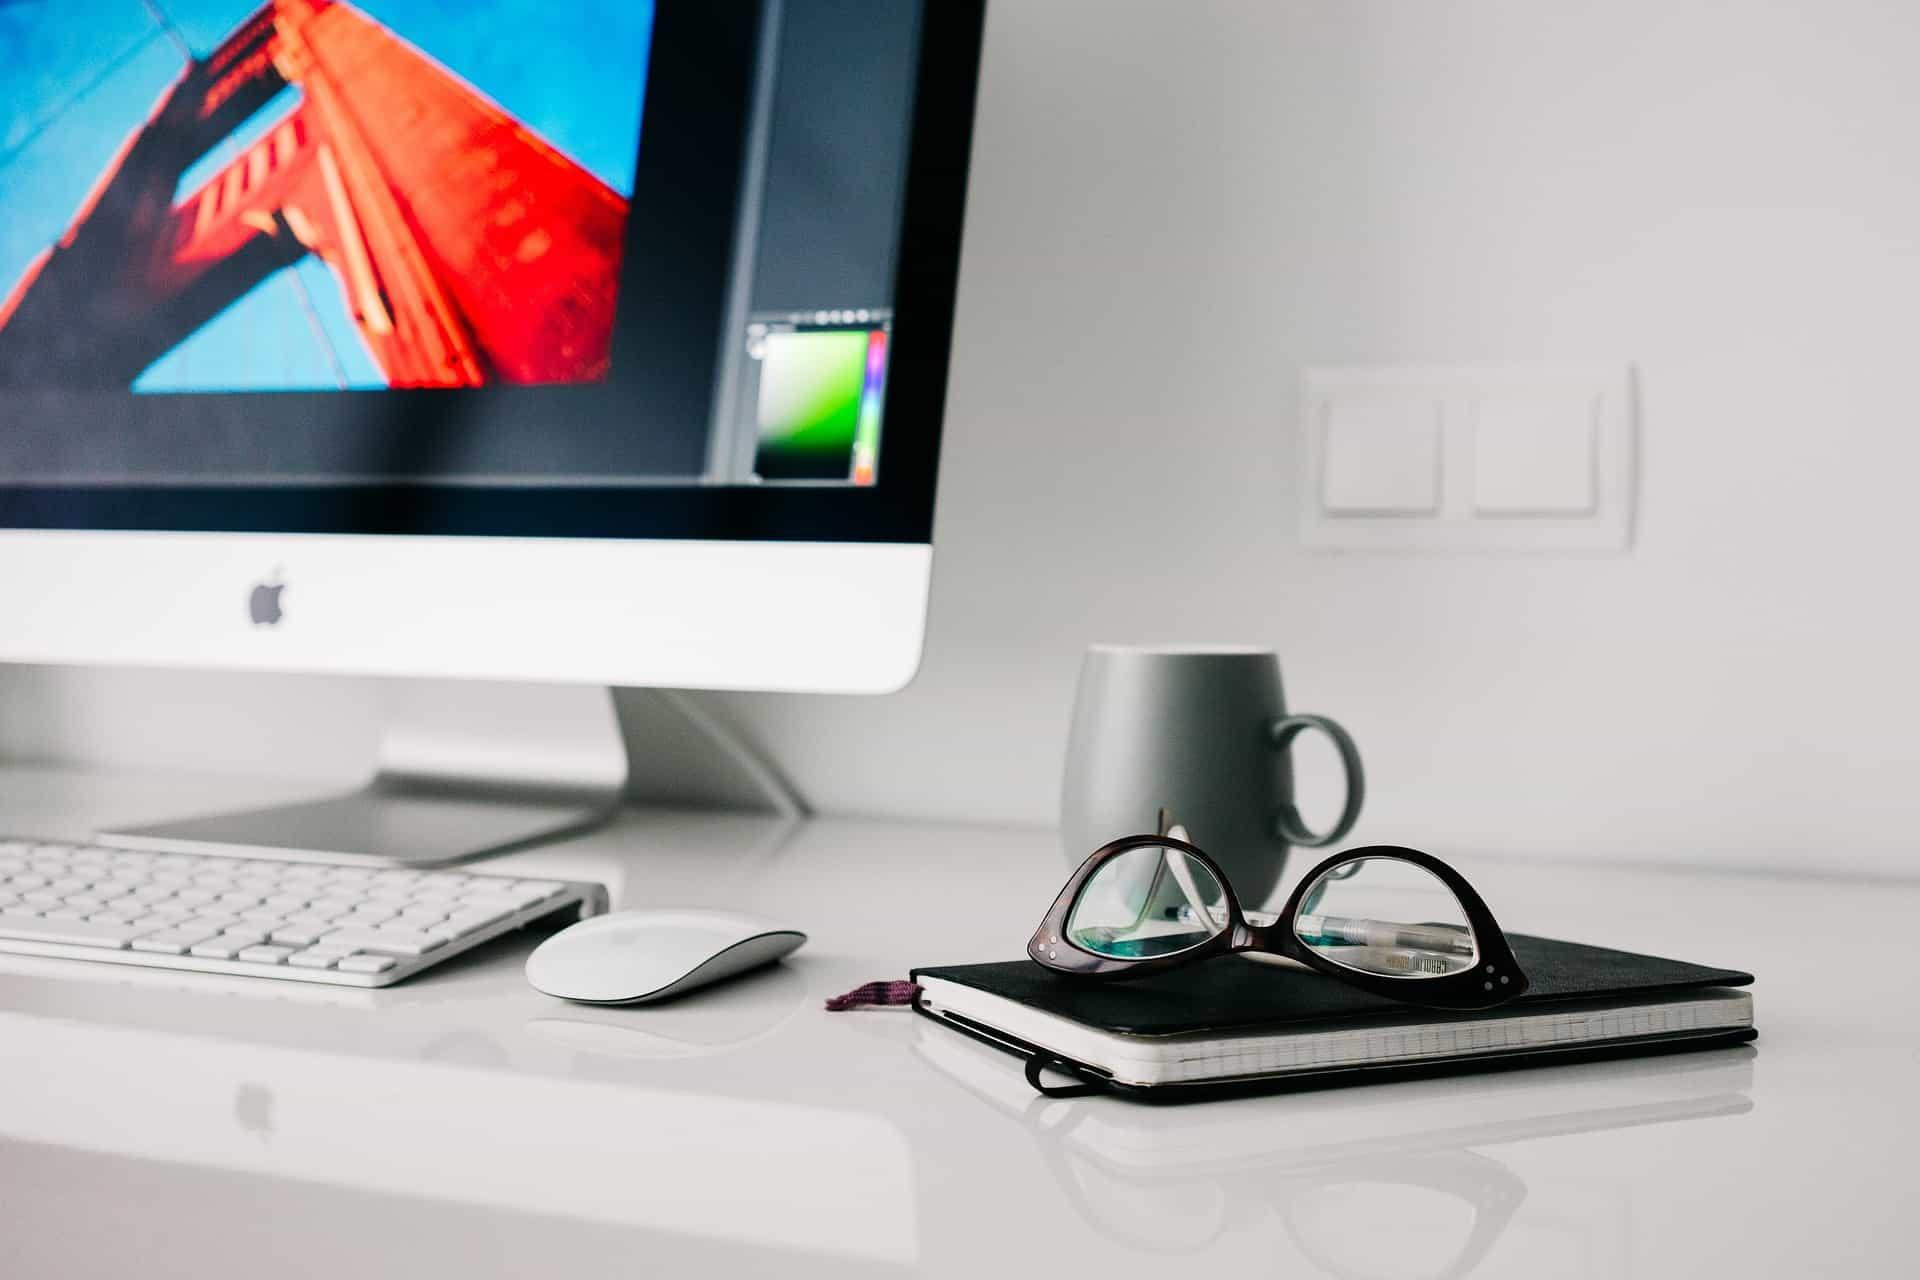 デスクトップパソコンと眼鏡